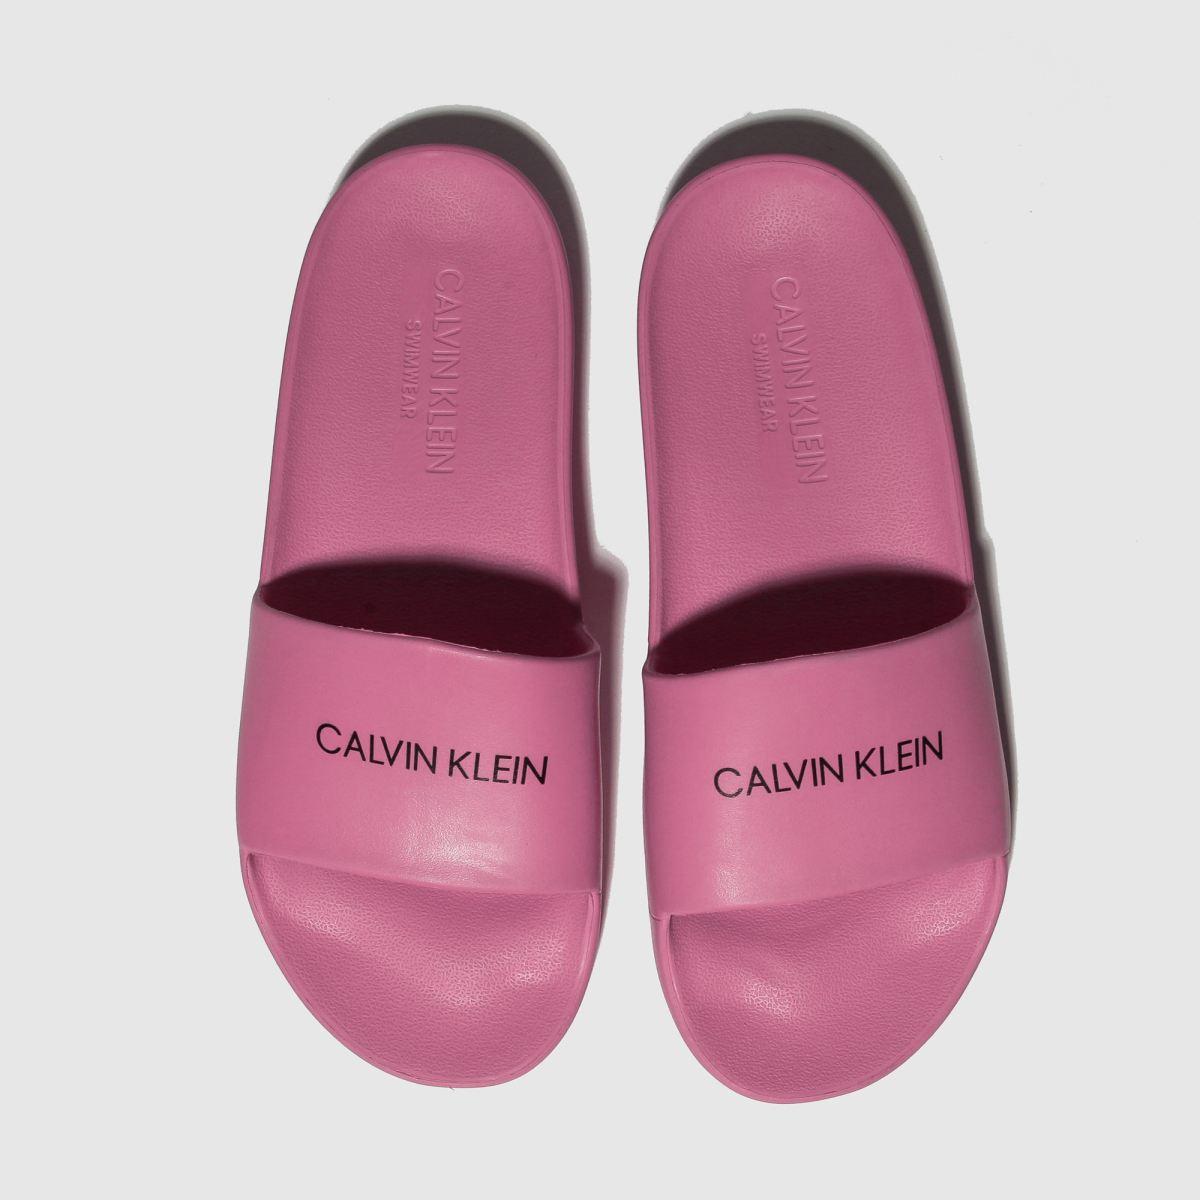 Calvin Klein Pink Slides Sandals Youth